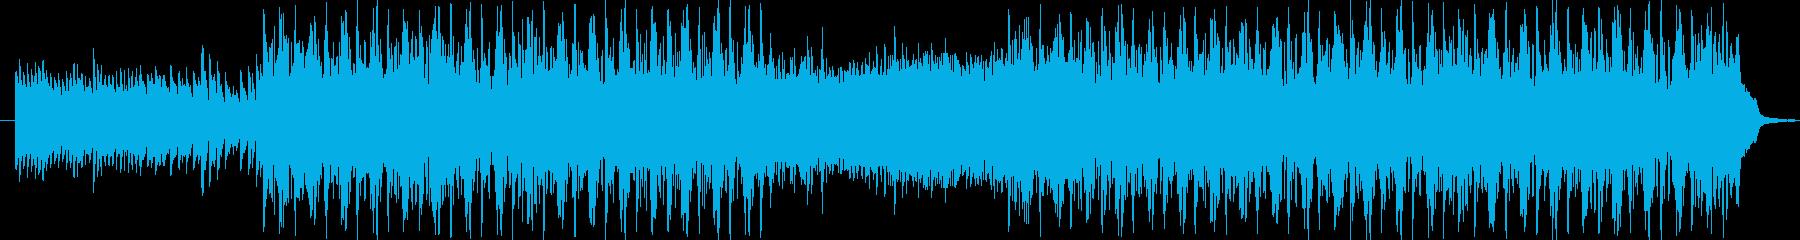 独特なリズムでシリアスなメロディーの再生済みの波形